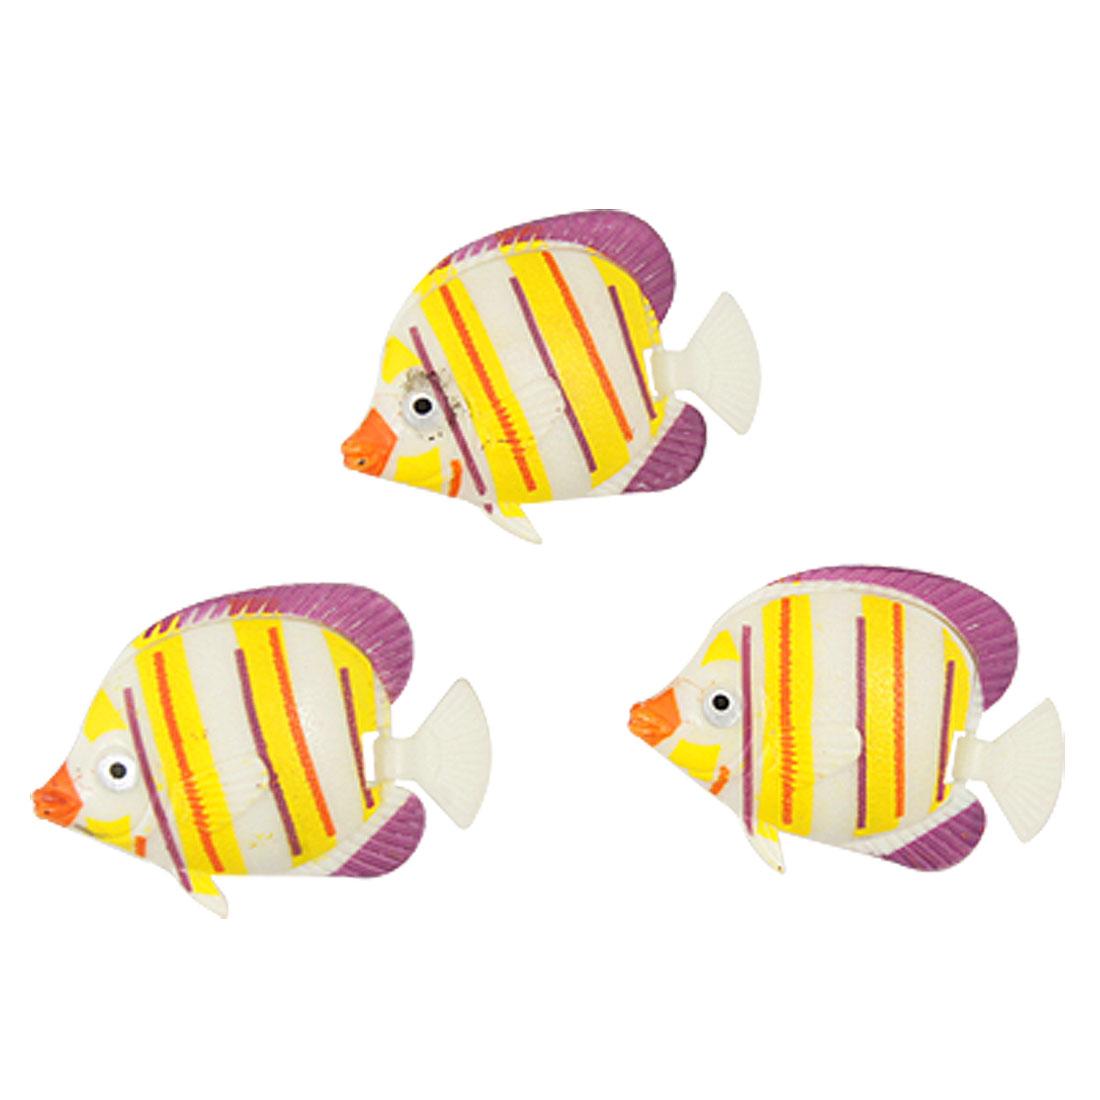 3 Pcs Auqarium Yellow Orange Striped Plastic Floating Fish Decoration